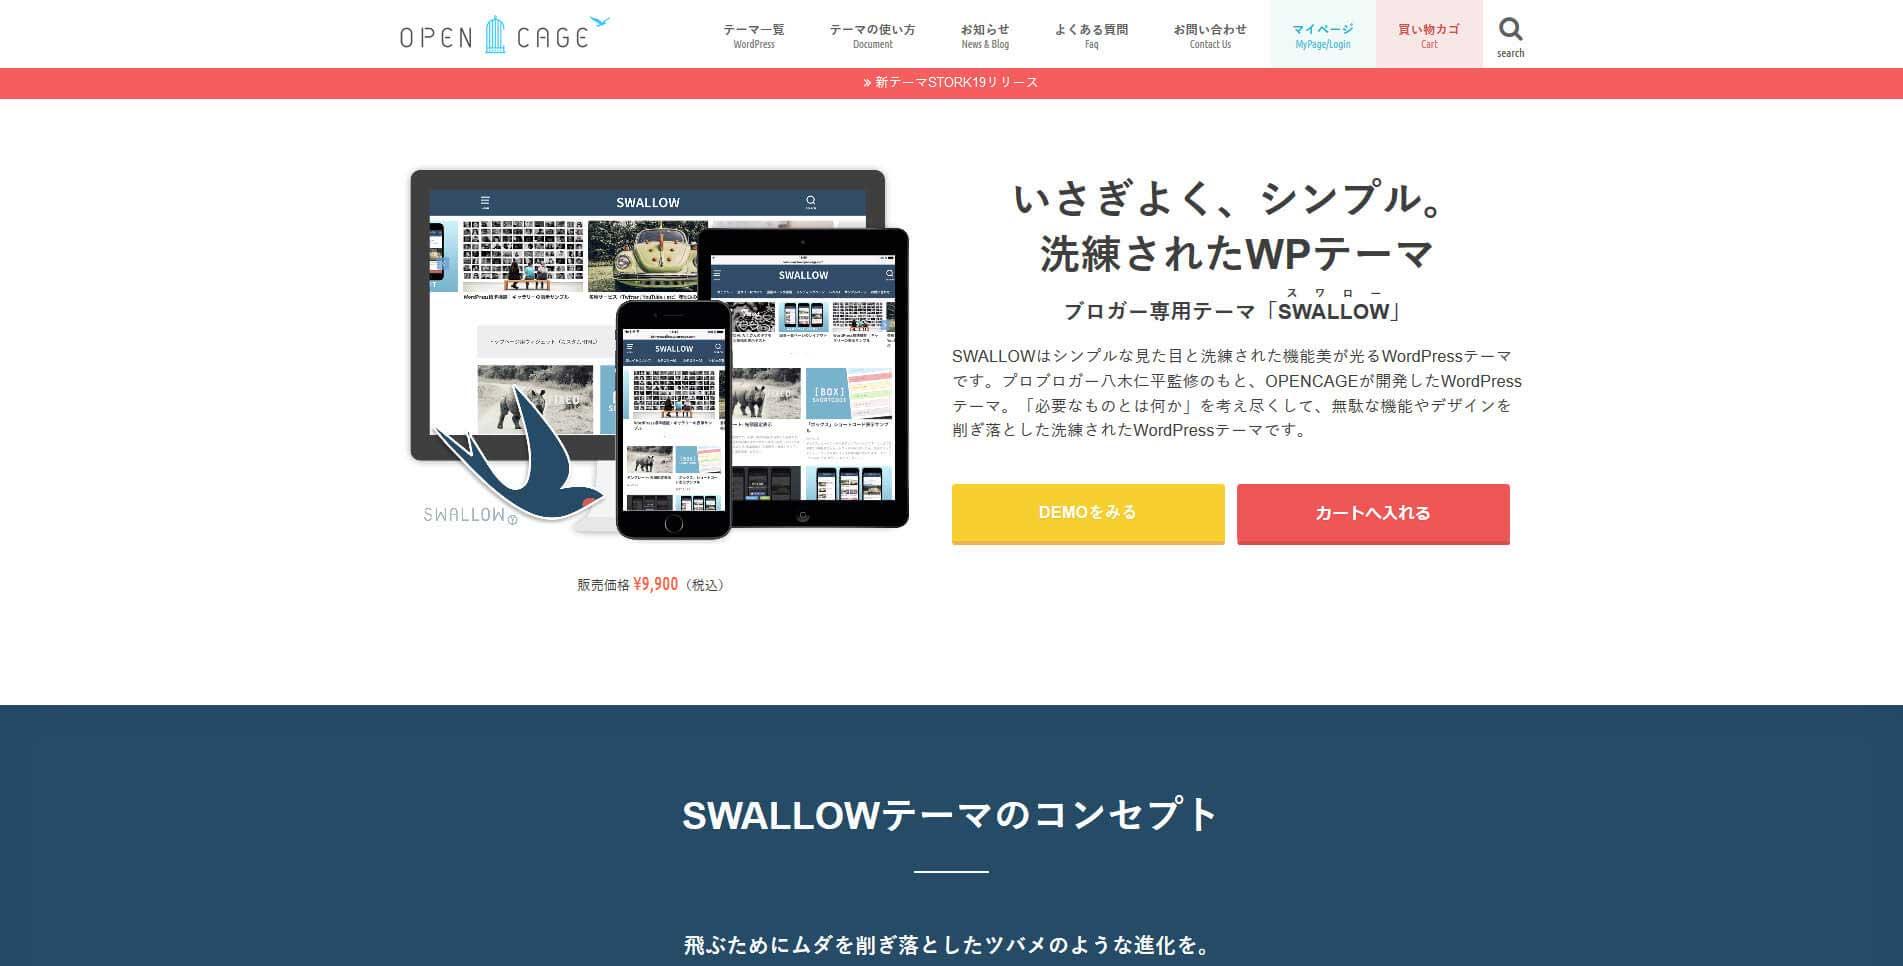 SWALLOW(スワロー)